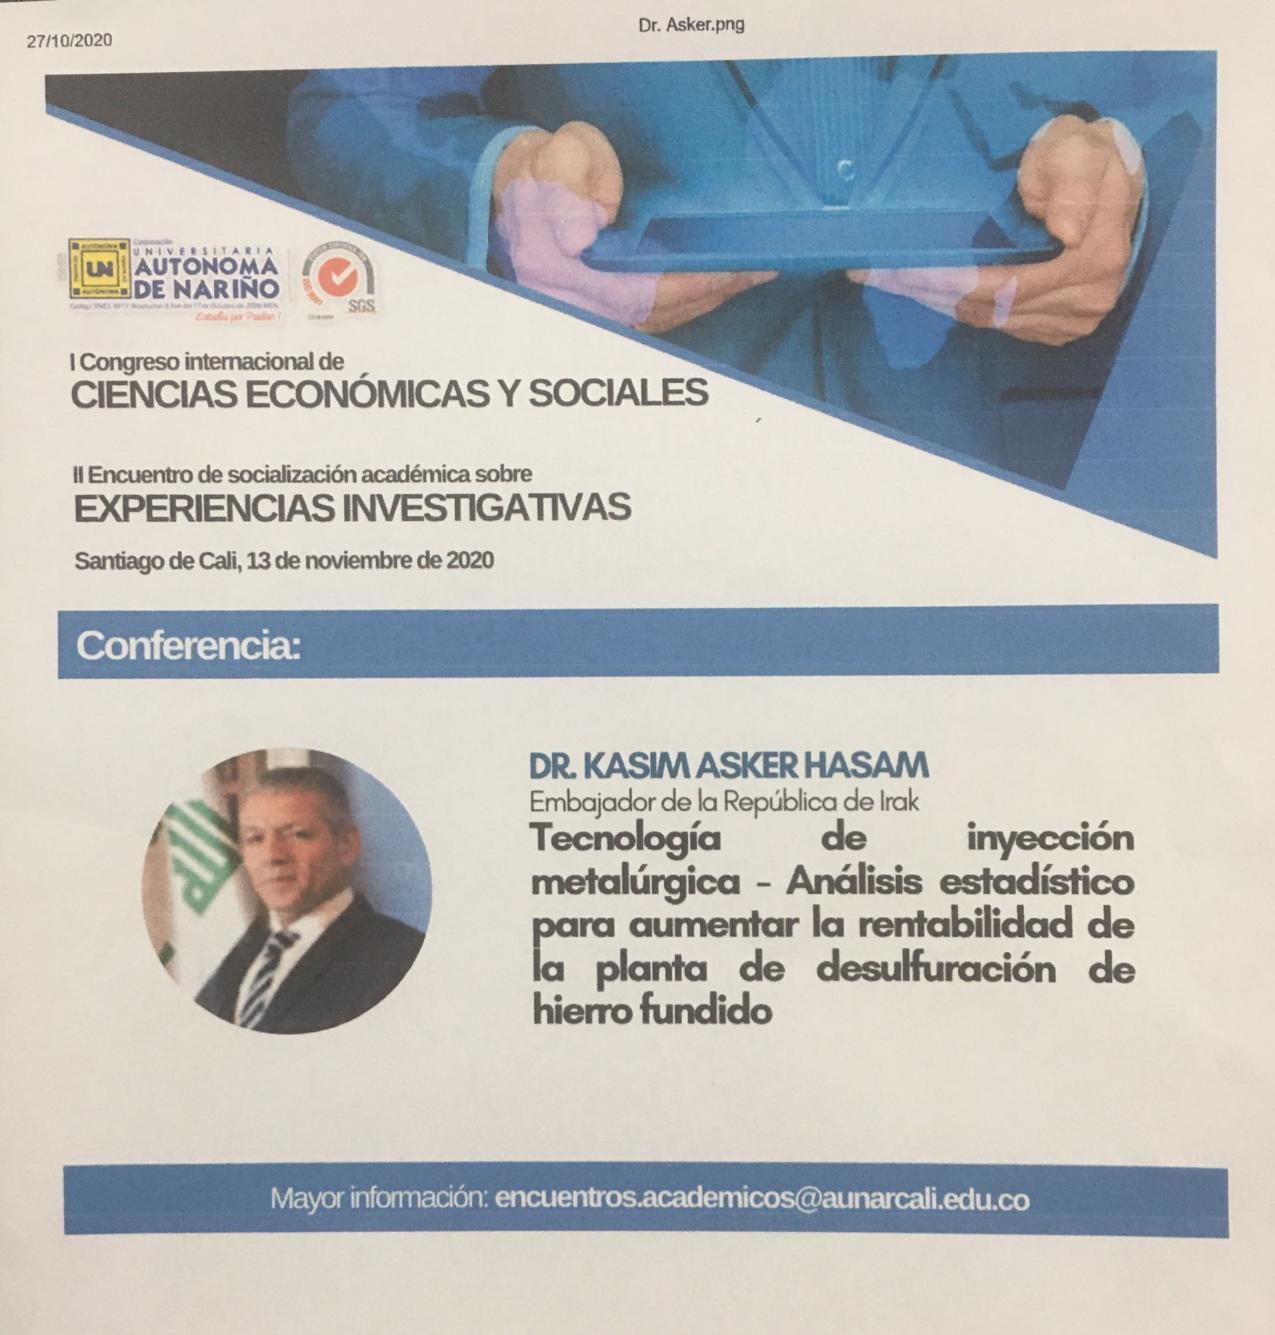 Embajador Kasim Asker Hasan estará presente en I Congreso Internacional de Ciencias Económicas y Sociales en Cali